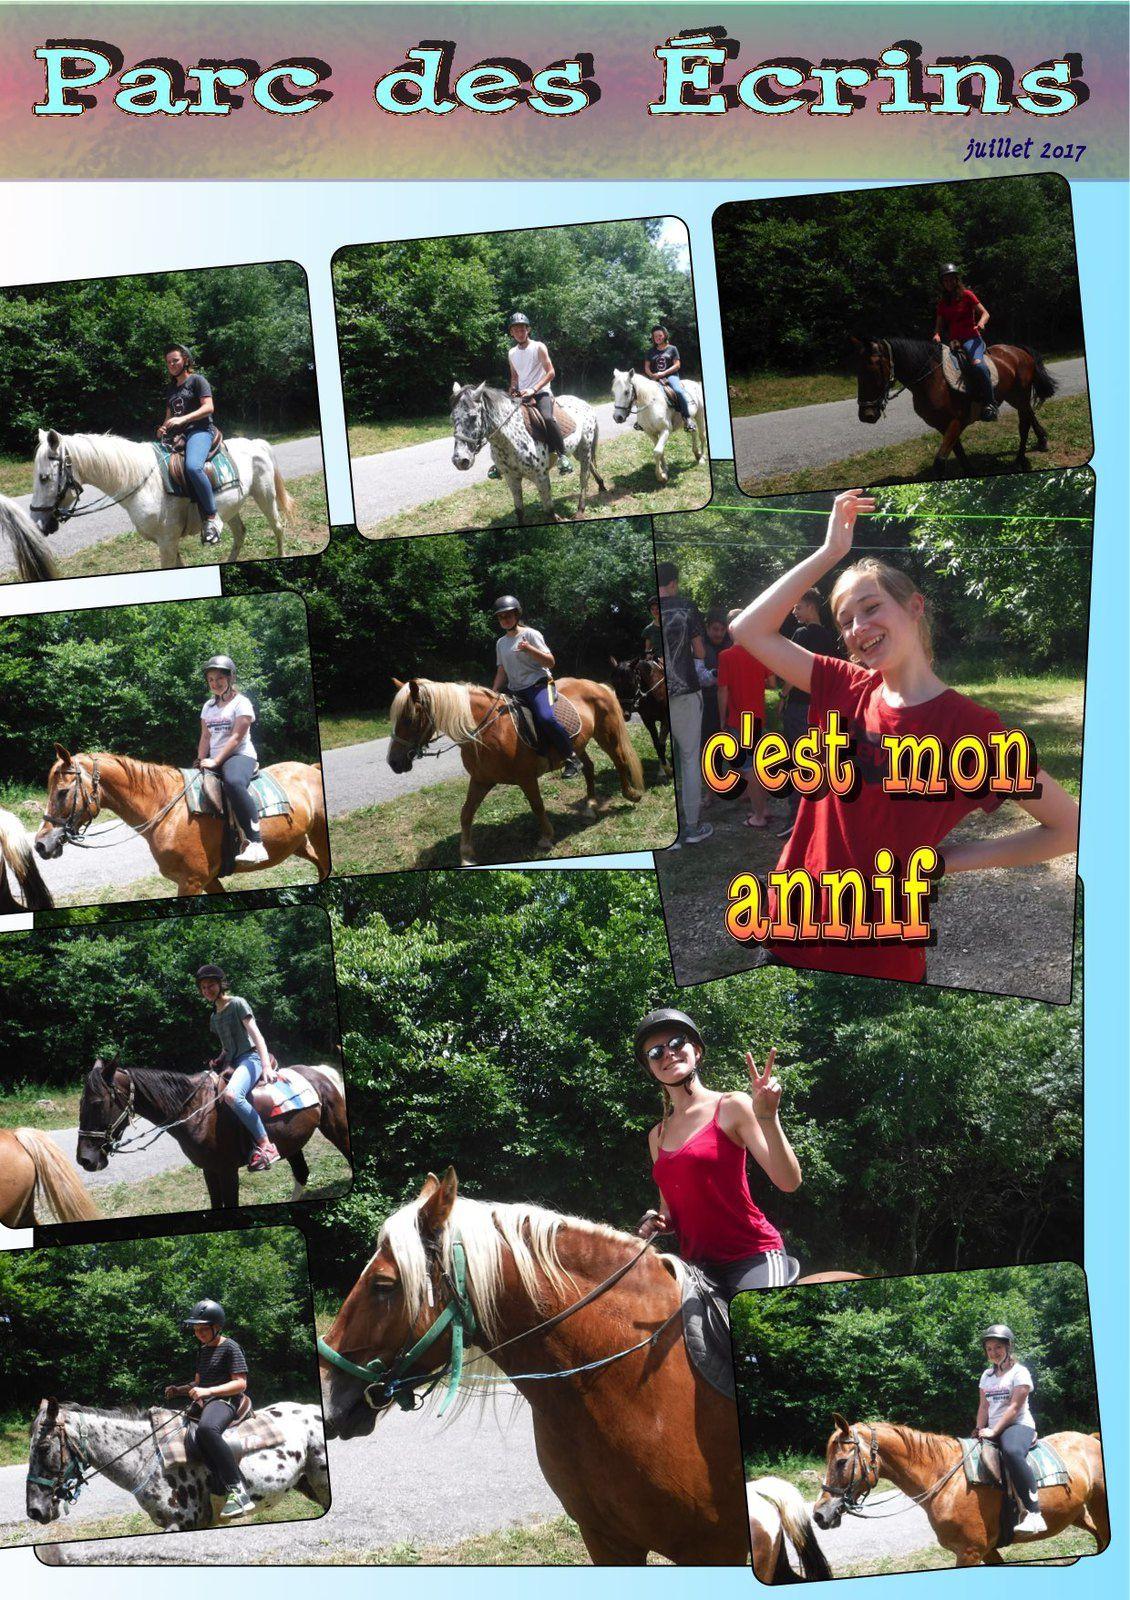 les deux premiers groupe d'équitation des Ados (d'âne)